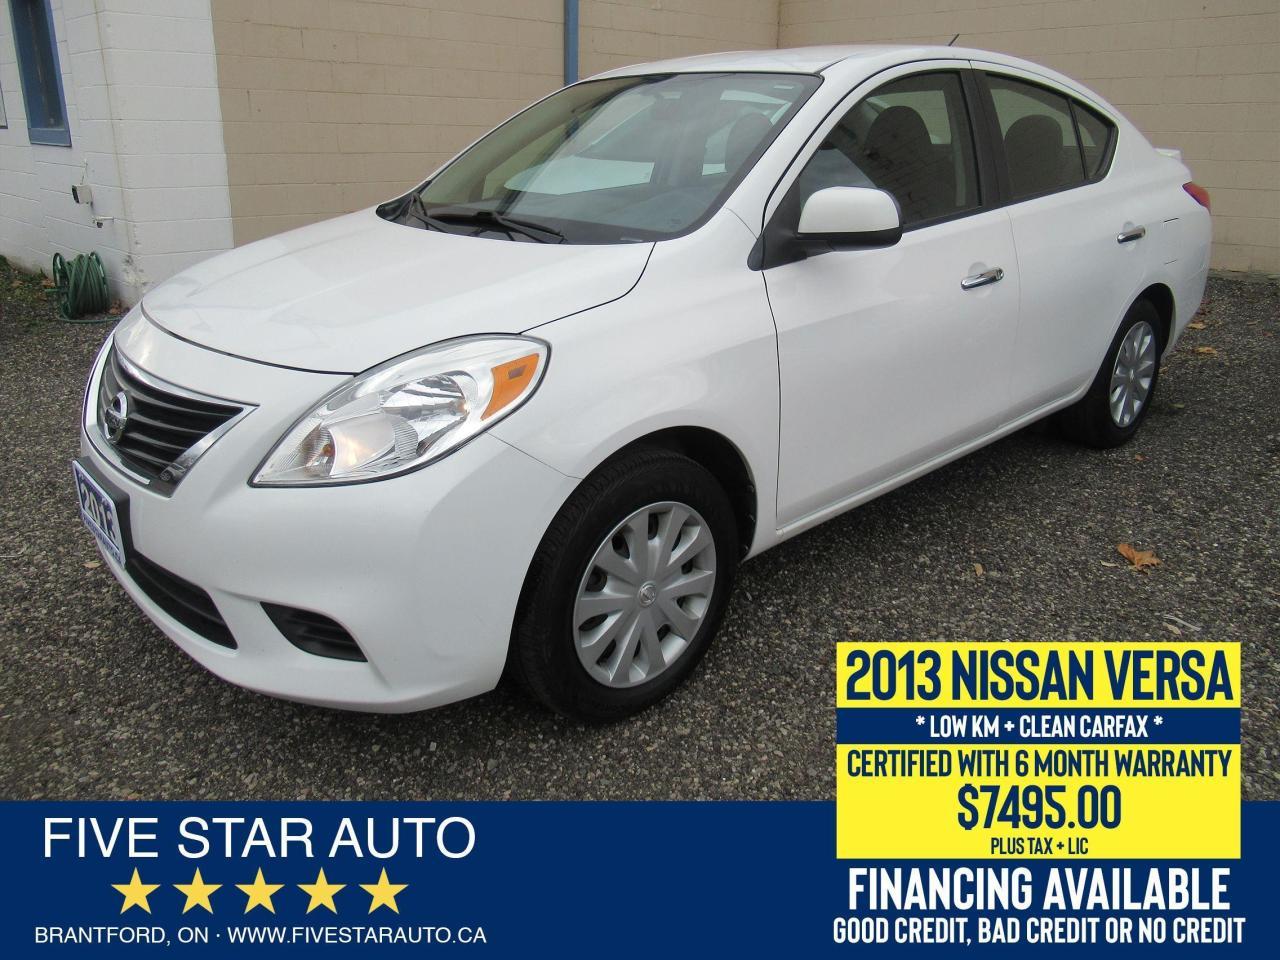 2013 Nissan Versa SV *Clean Carfax* Certified w/ 6 Month Warranty